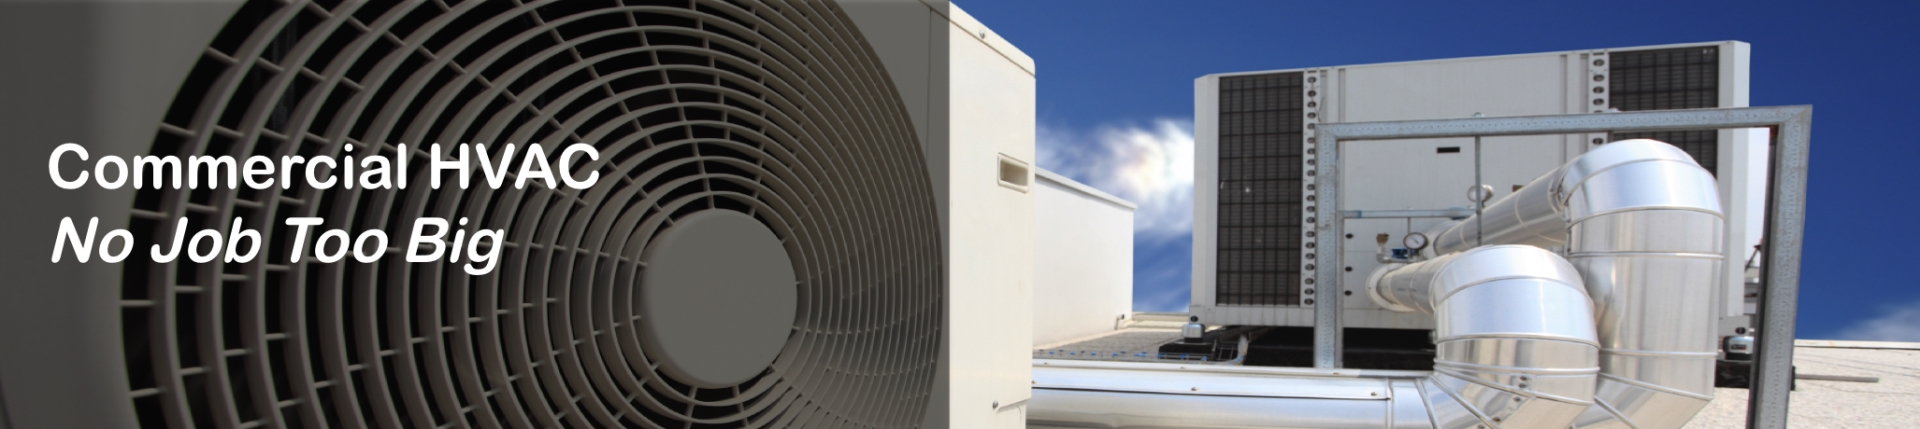 Commercial HVAC Contractors - - Macomb, St. Clair County, MI